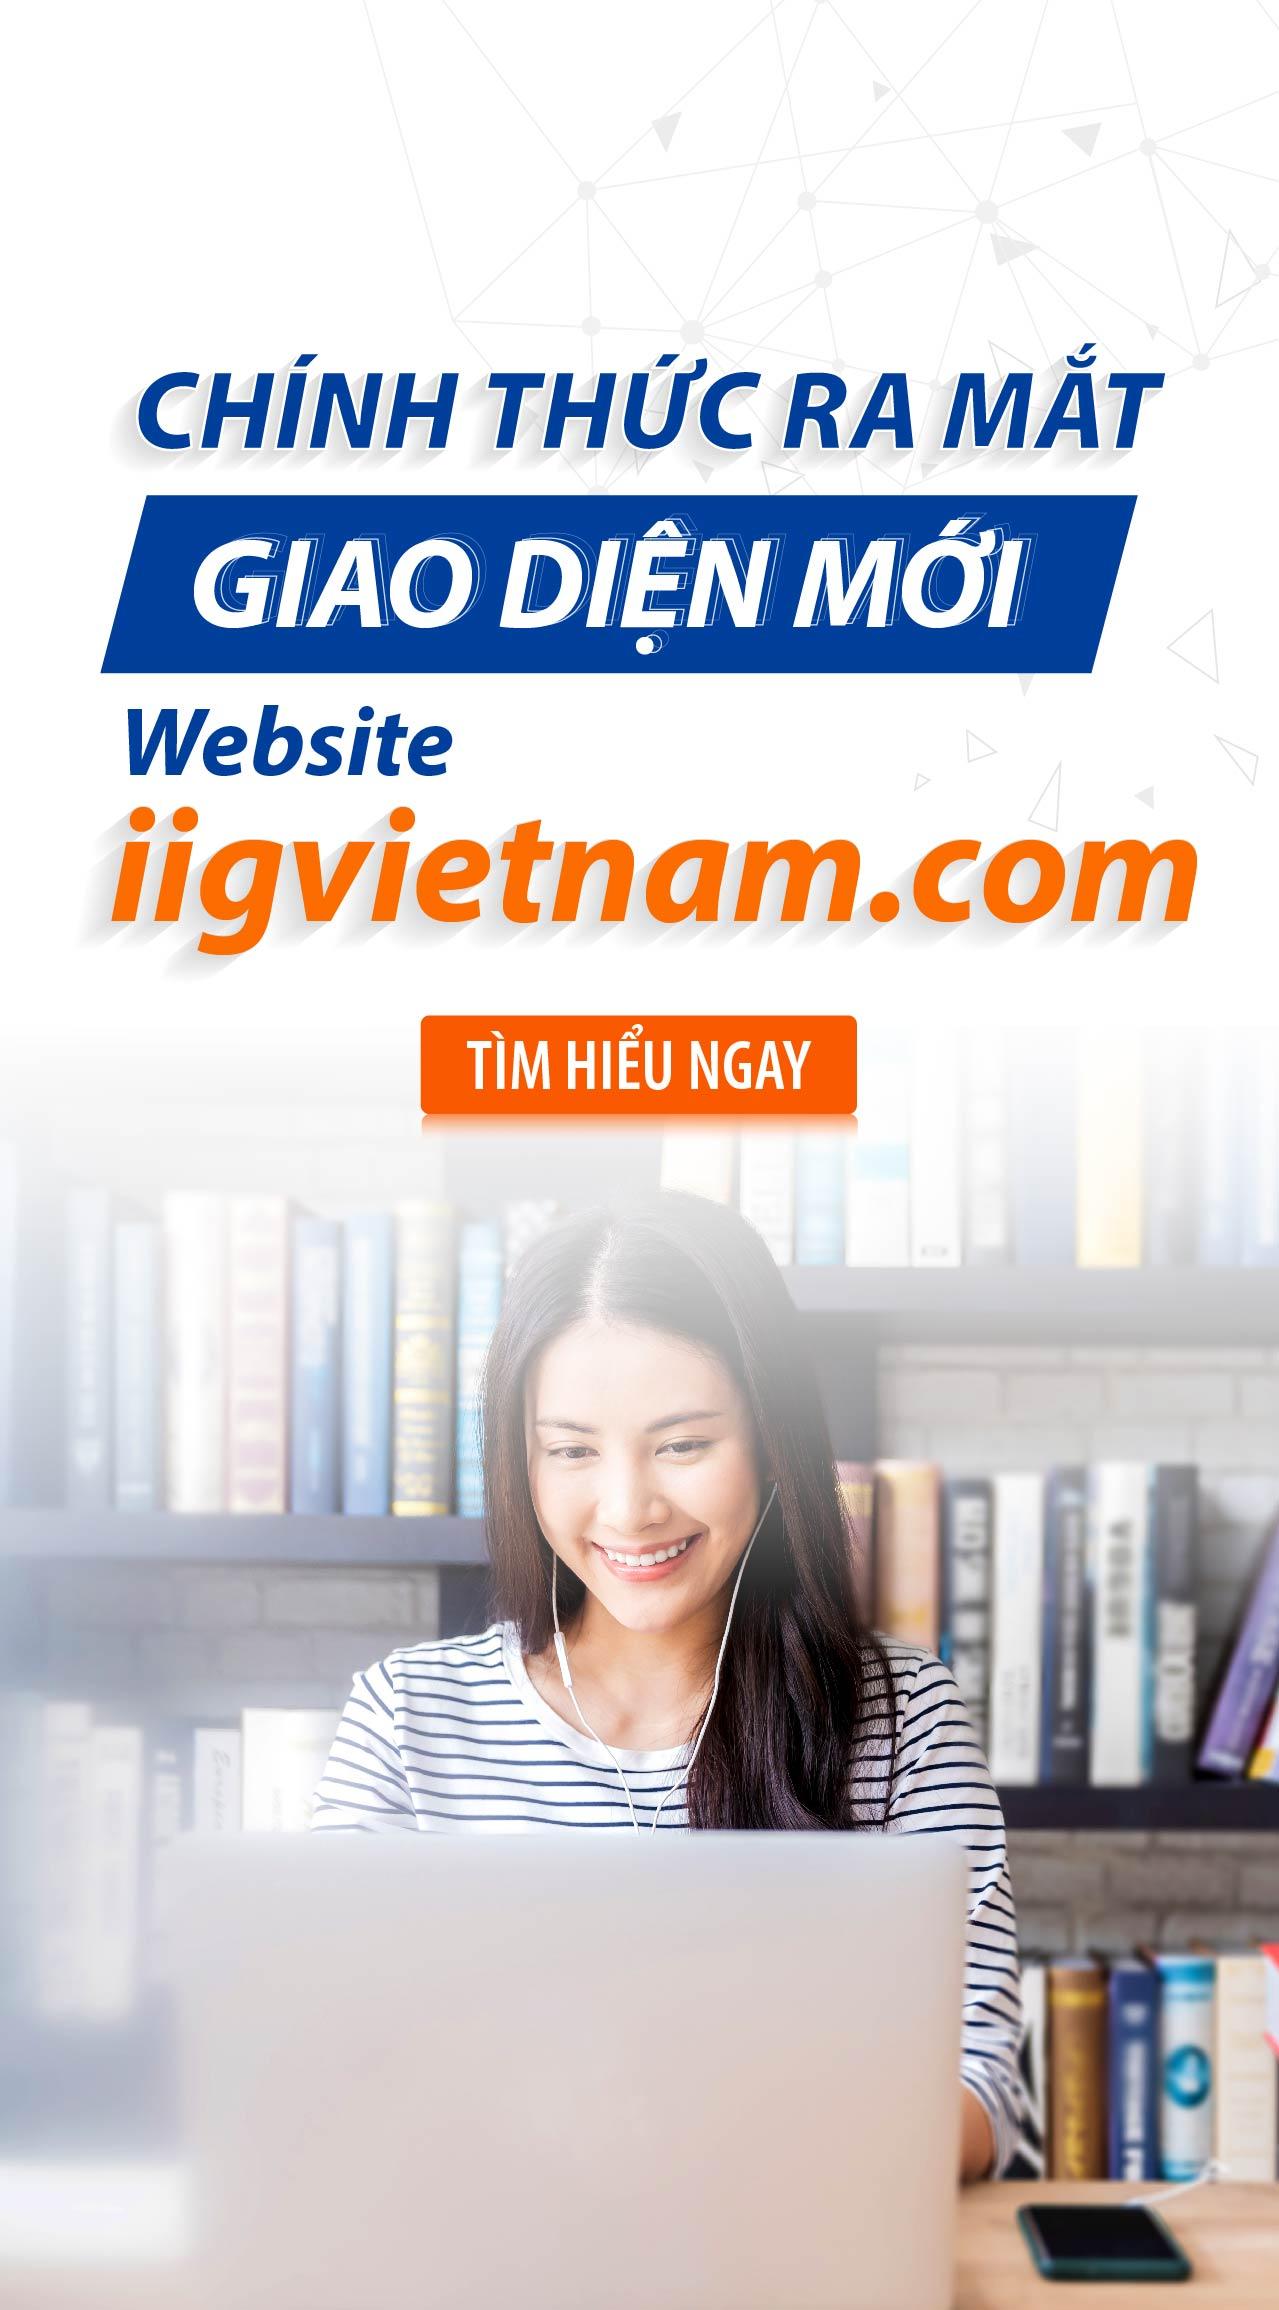 Hội thảo trực tuyến: SSAT – Hành trang Du học bậc phổ thông